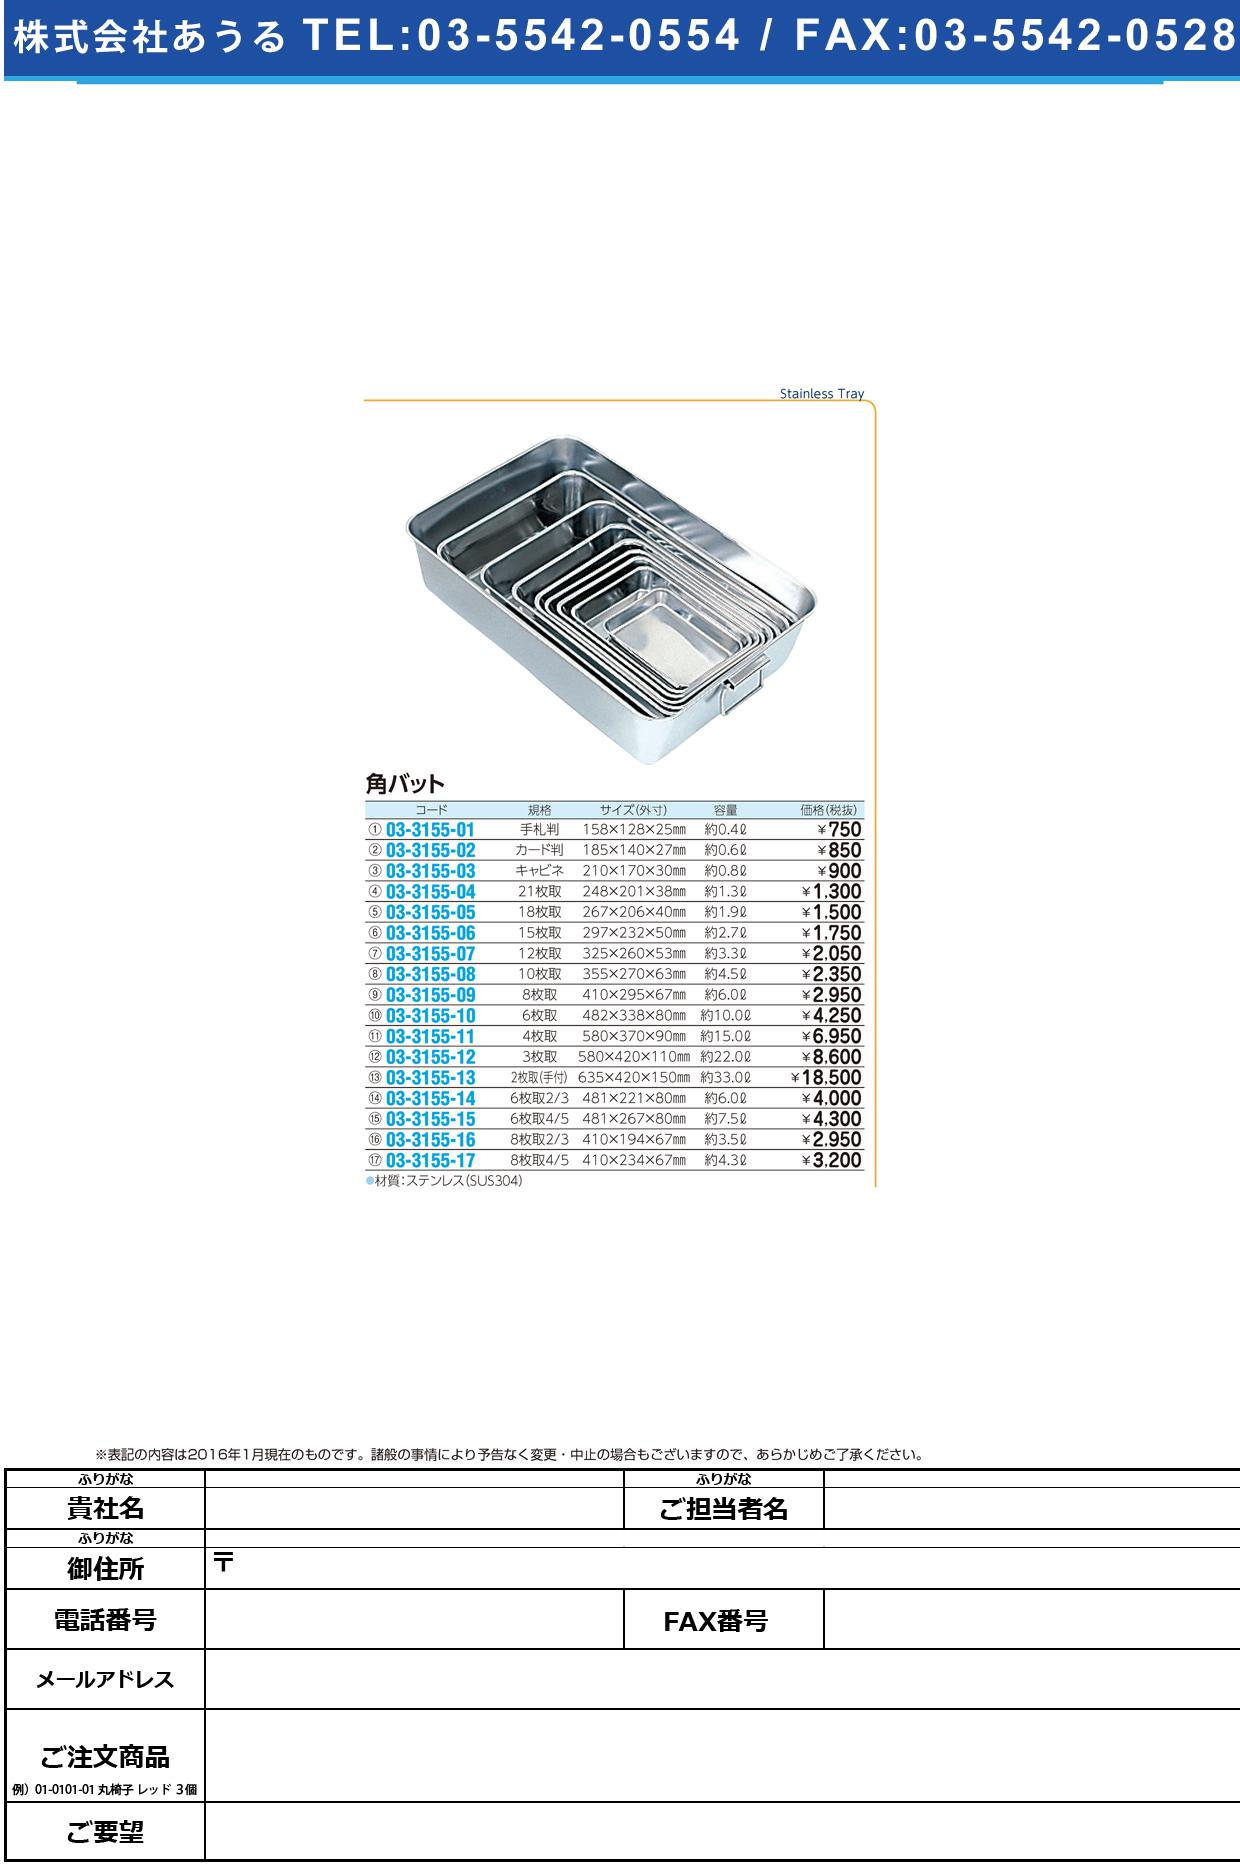 (03-3155-16)角バット 8枚取2/3 バット 410X194X67MM【1枚単位】【2016年カタログ商品】